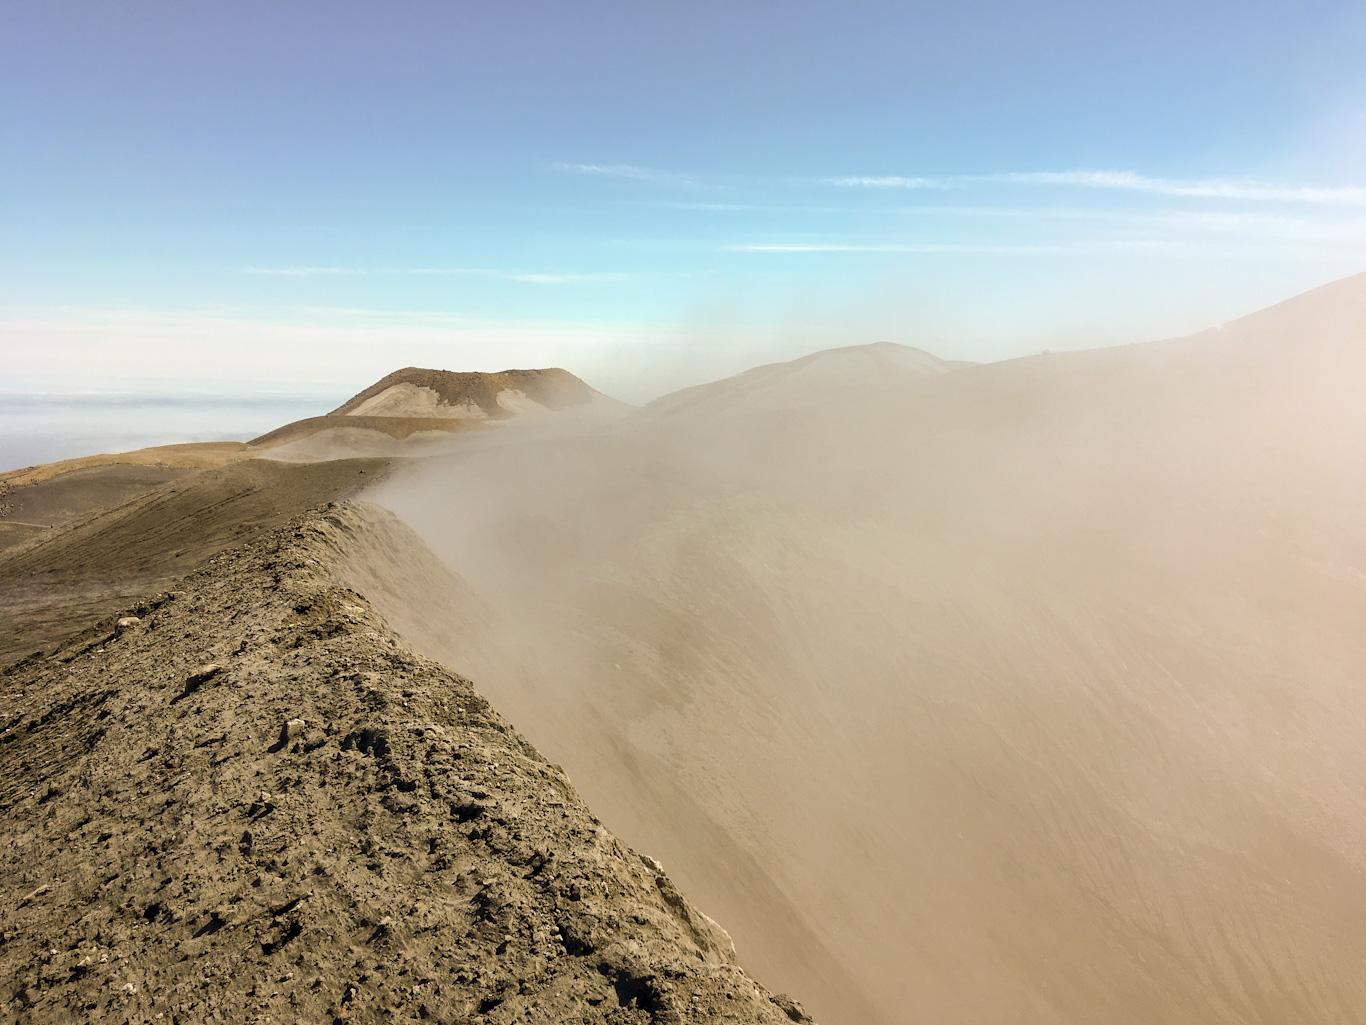 Кромка кратера вулкана Эбеко